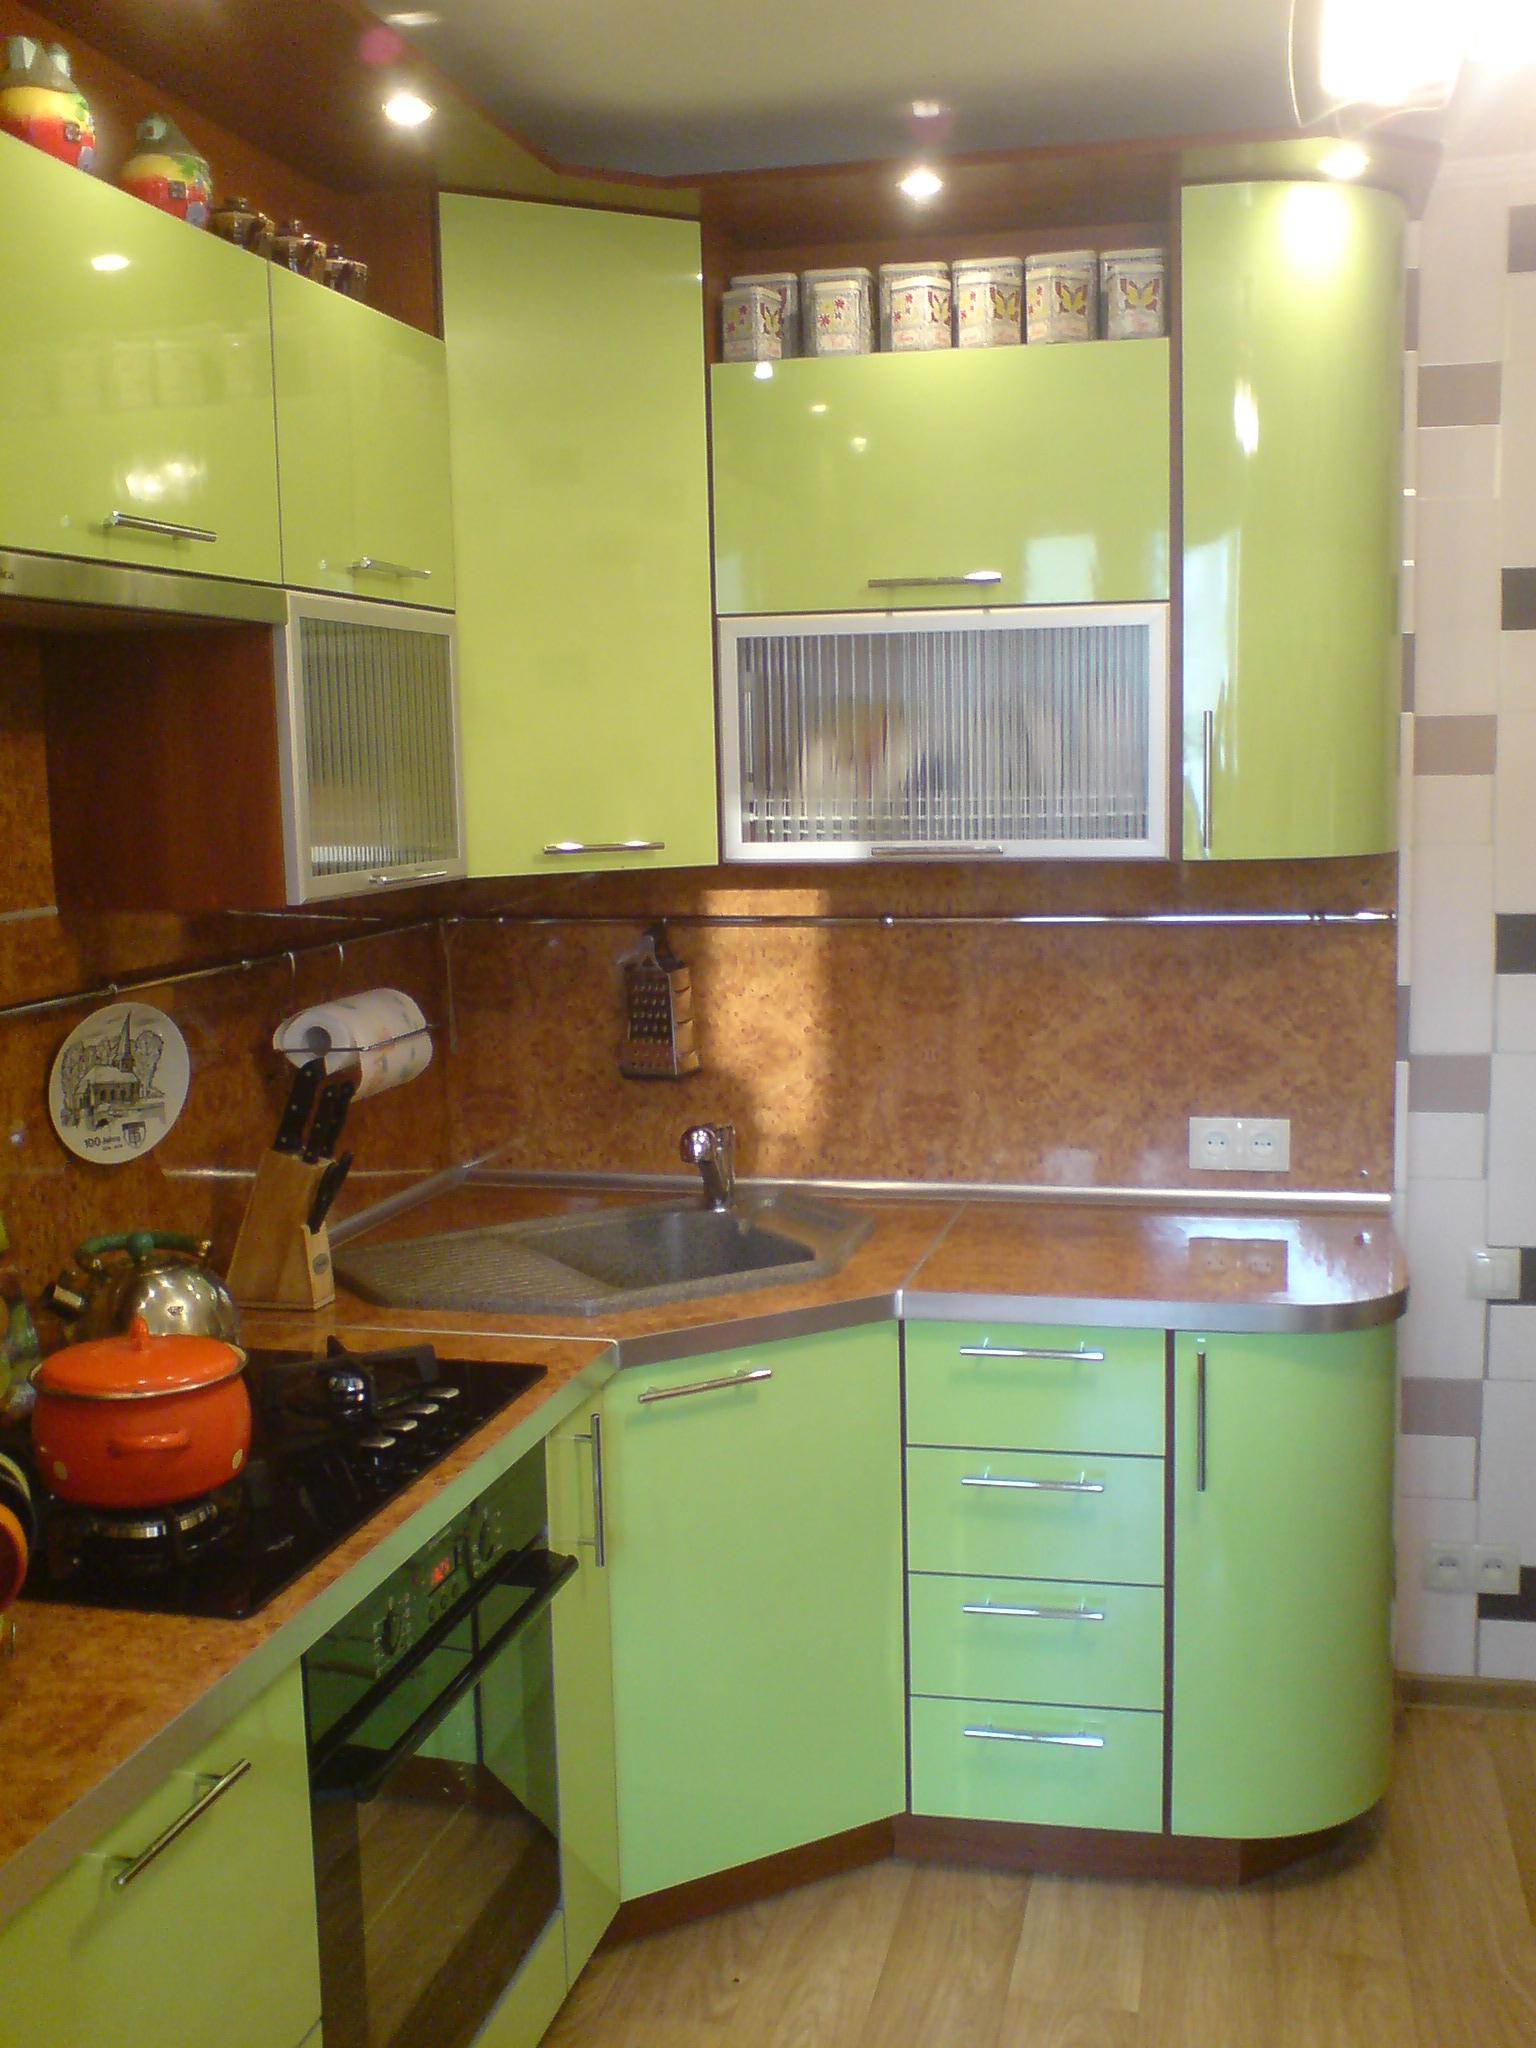 Кухонная малогабаритная мебель создаёт комфорт и формирует удобство